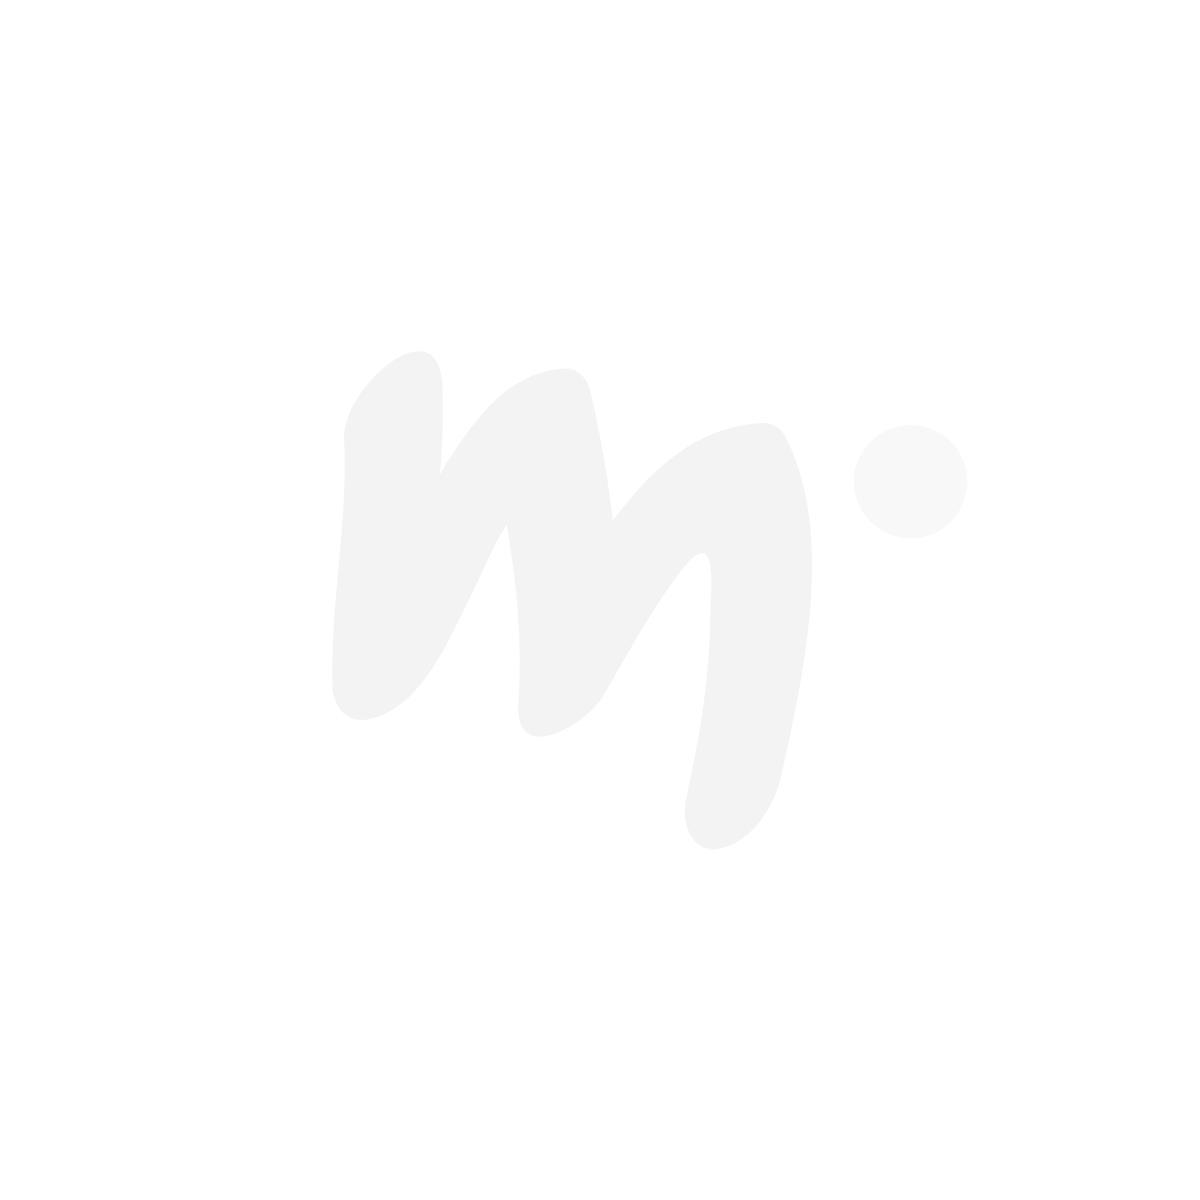 Muumi Syyshetki-pipo vaaleansininen